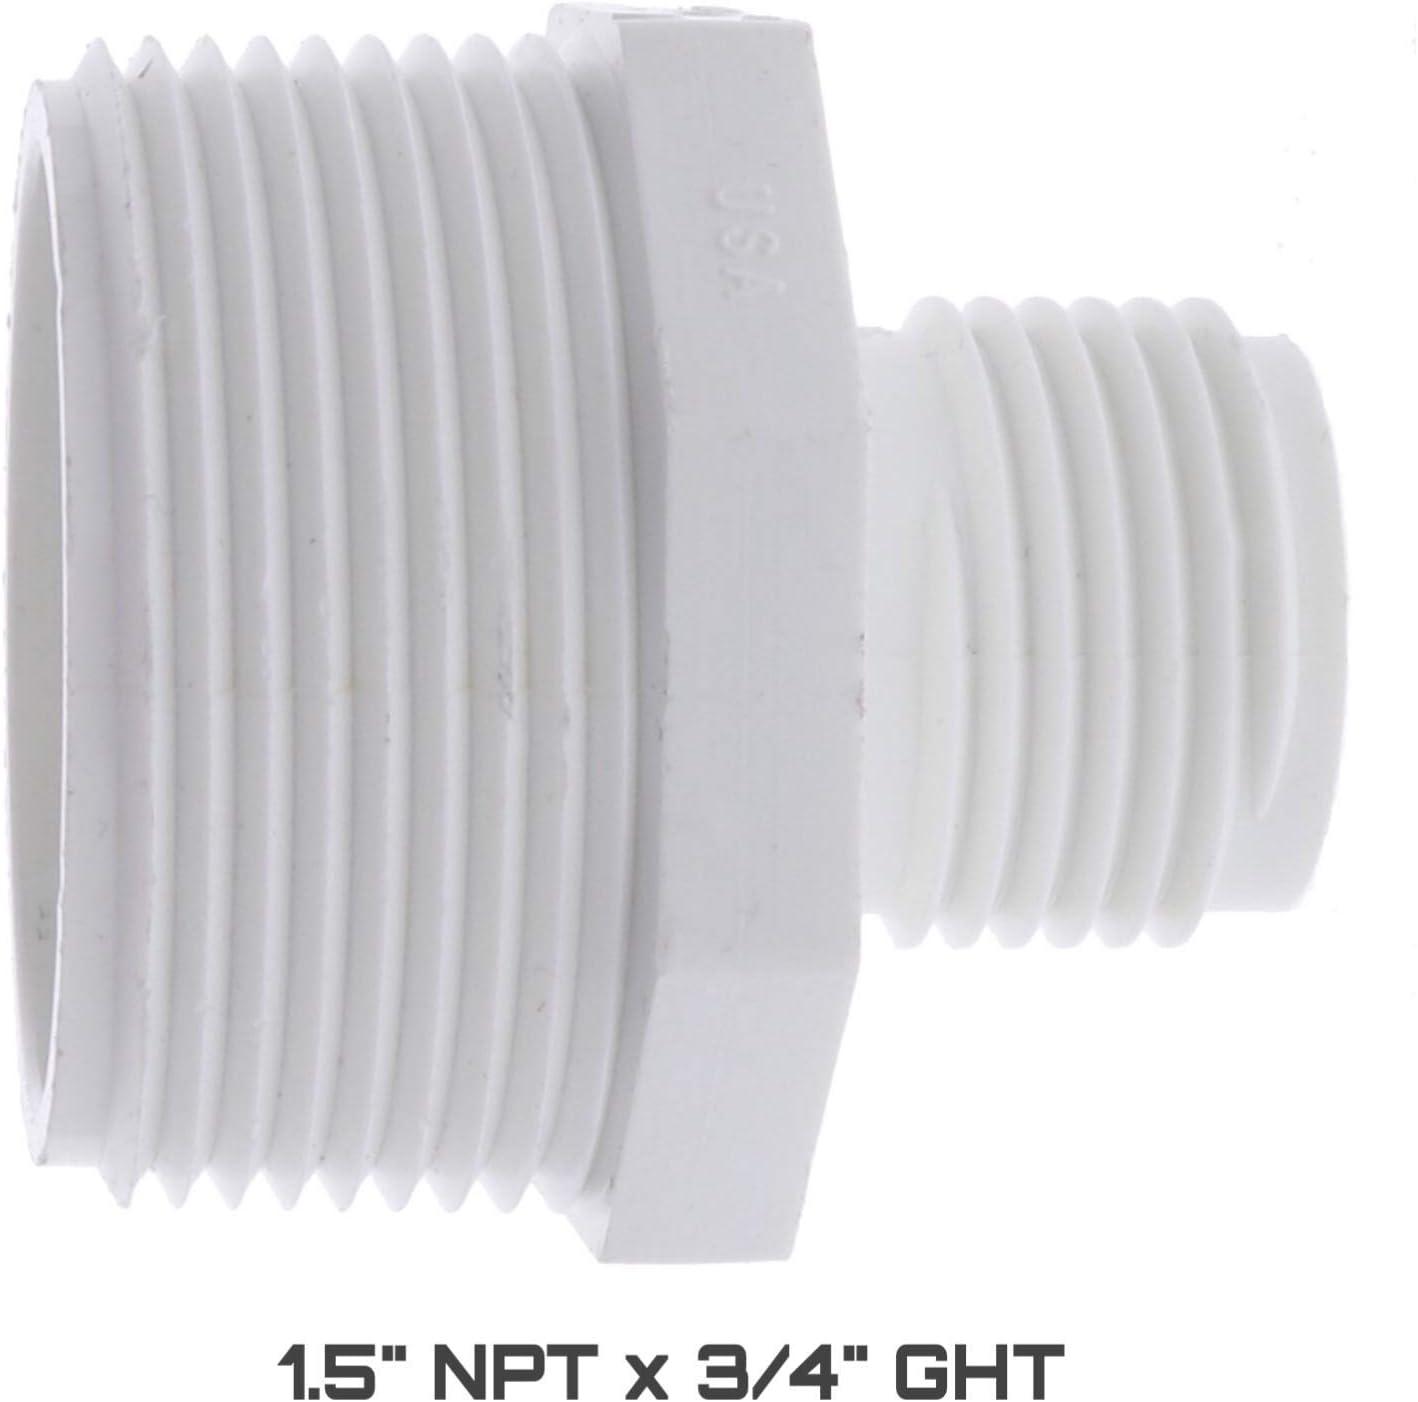 Amazon Com Pvc Garden Hose Adapter Male 1 5 Npt X 3 4 Ght For Sump Pump Garden Outdoor